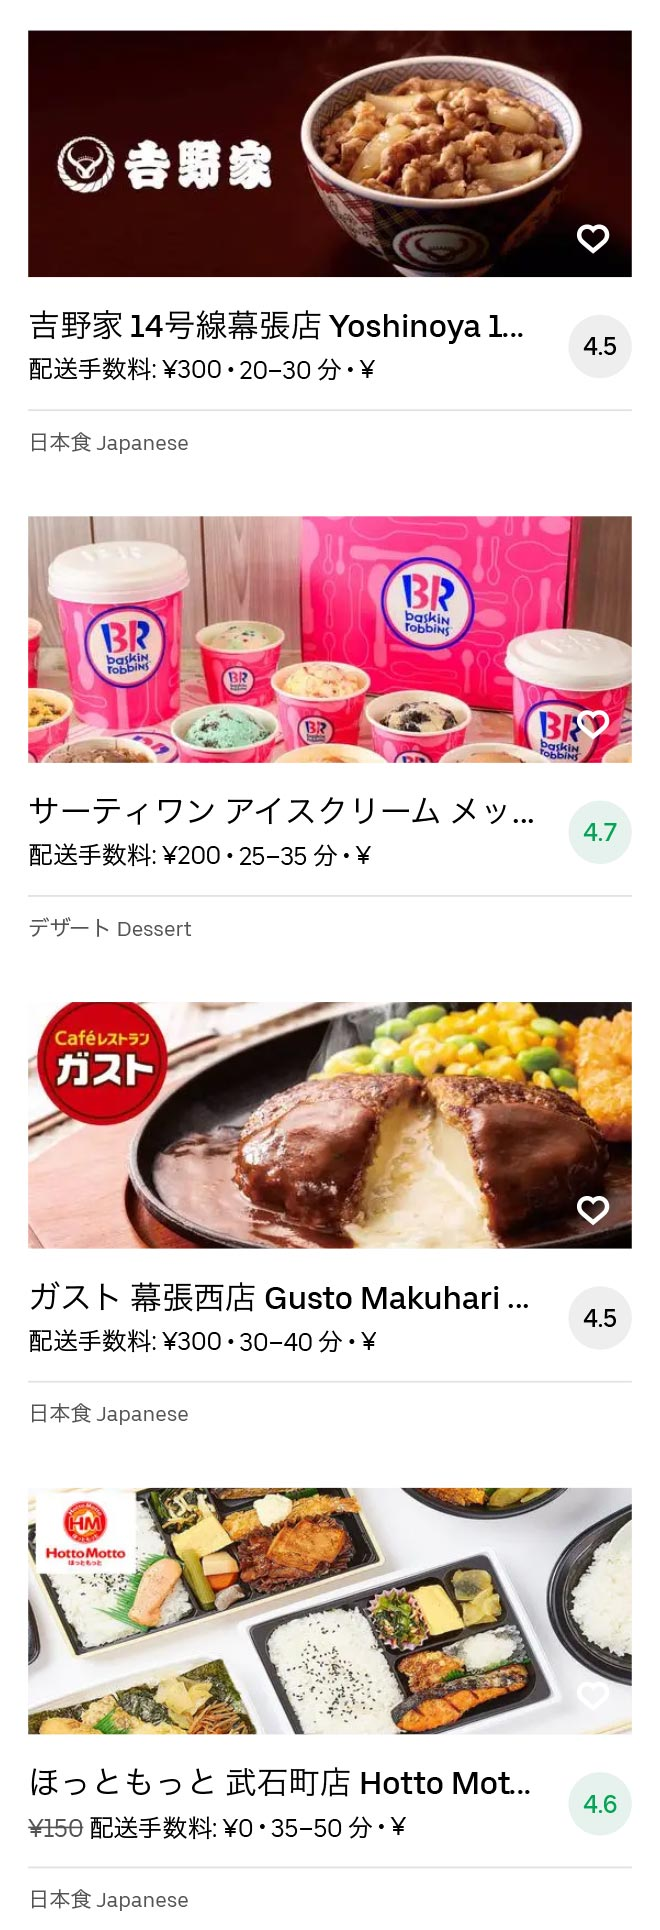 Makuhari menu 2010 05